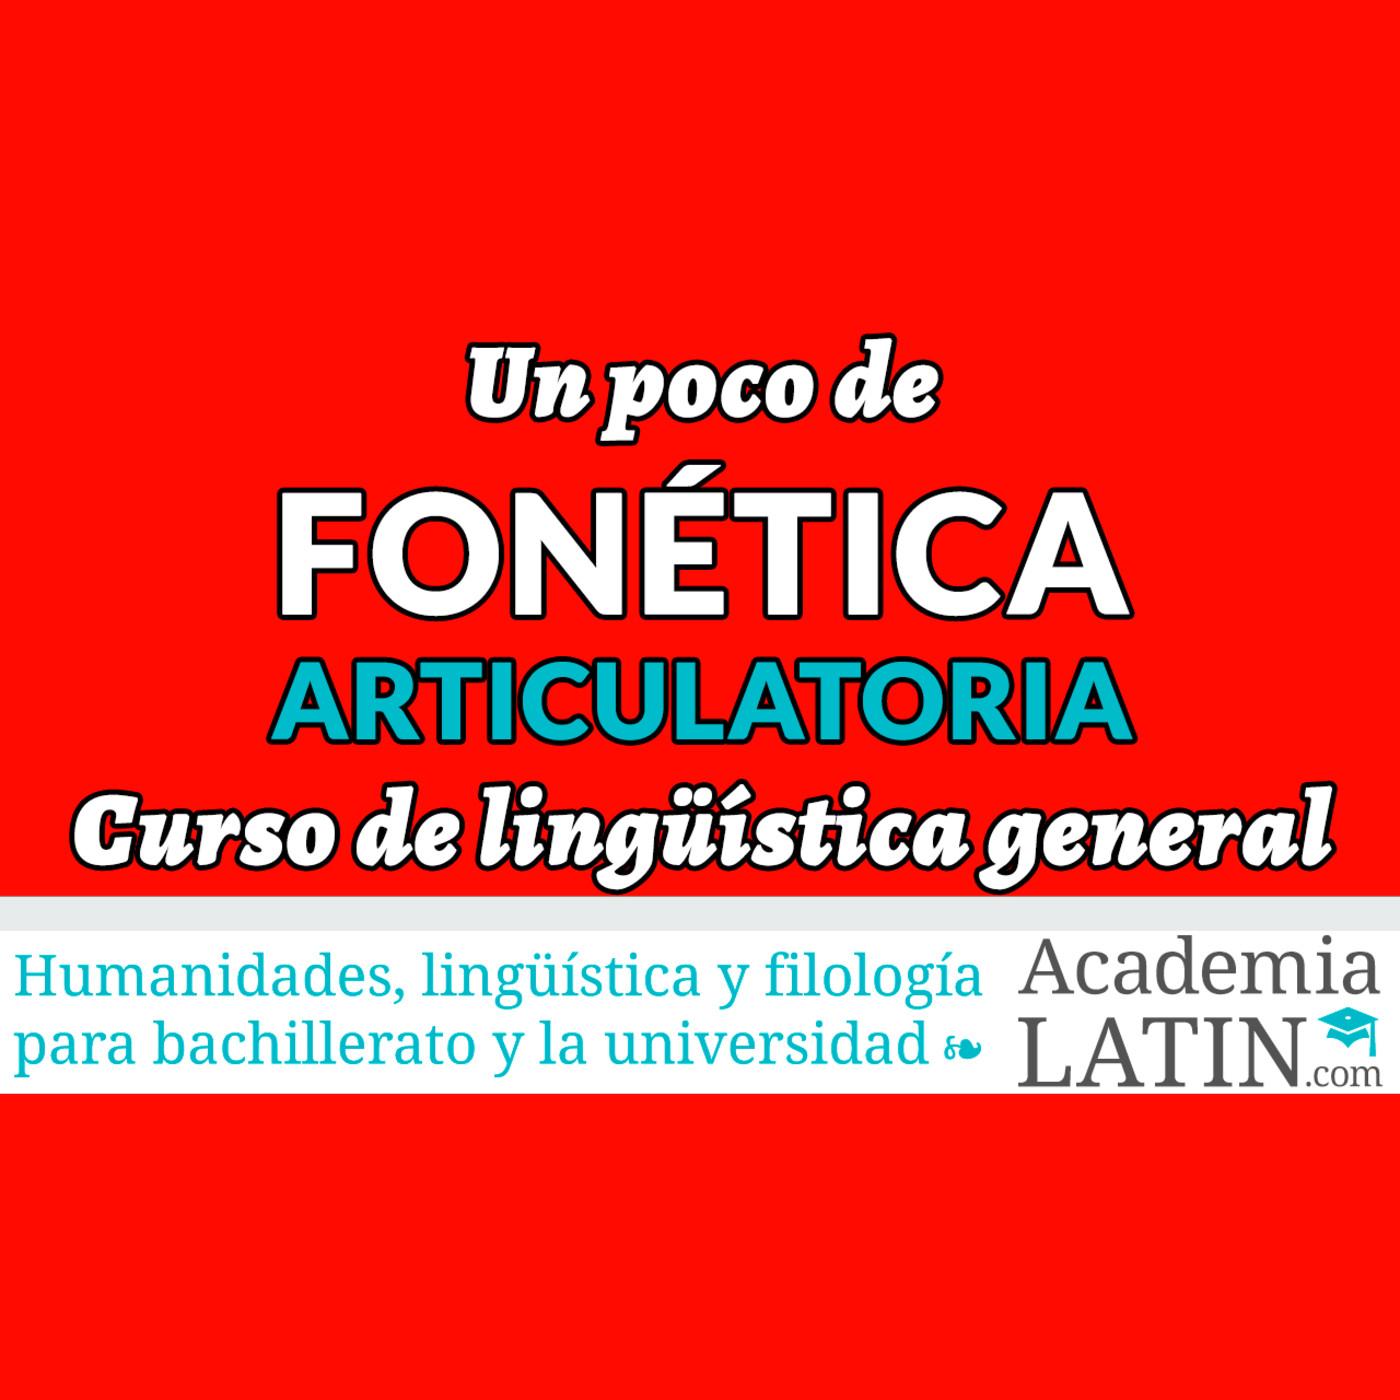 Fonética articulatoria ‹ Curso de lingüística general en